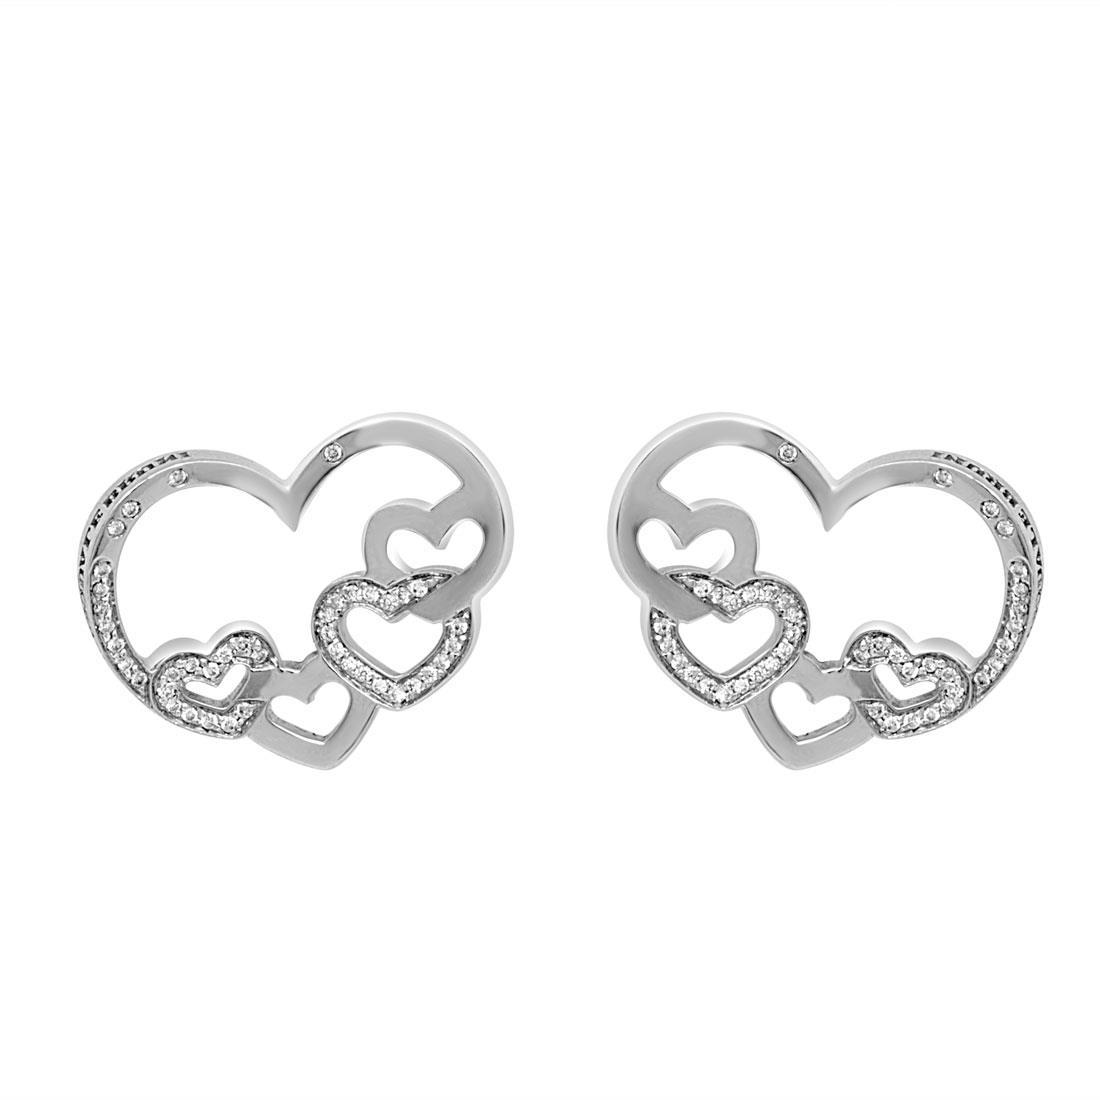 Orecchini in oro bianco cuore con diamanti 0.30 ct - PASQUALE BRUNI